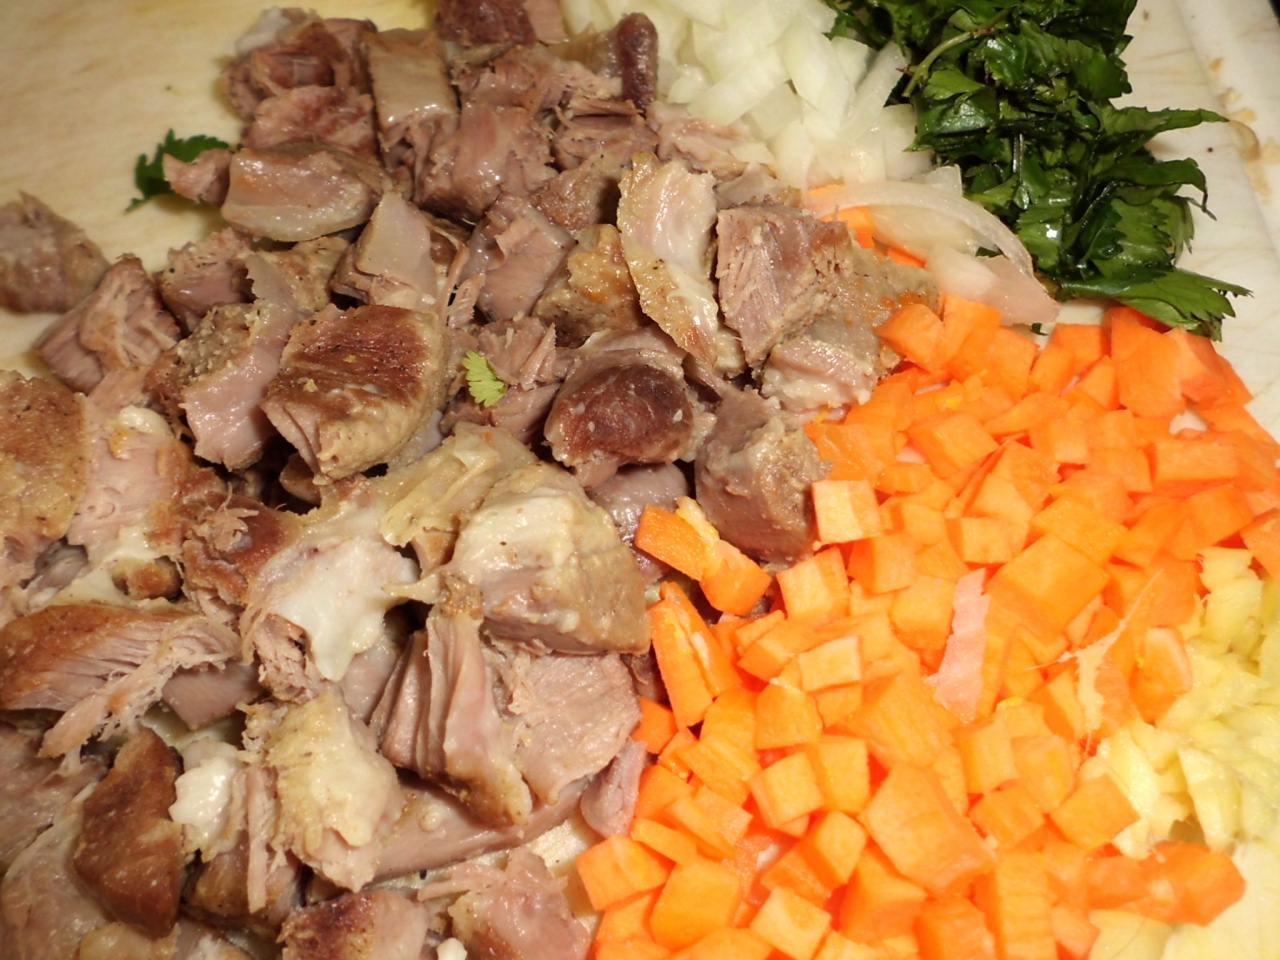 Lammfleisch aus der Brühe nehmen und von den Knochen lösen, Fett entfernen das Fleisch in kleine Würfel schneiden, so auch Möhren,Zwiebeln und Zucchini